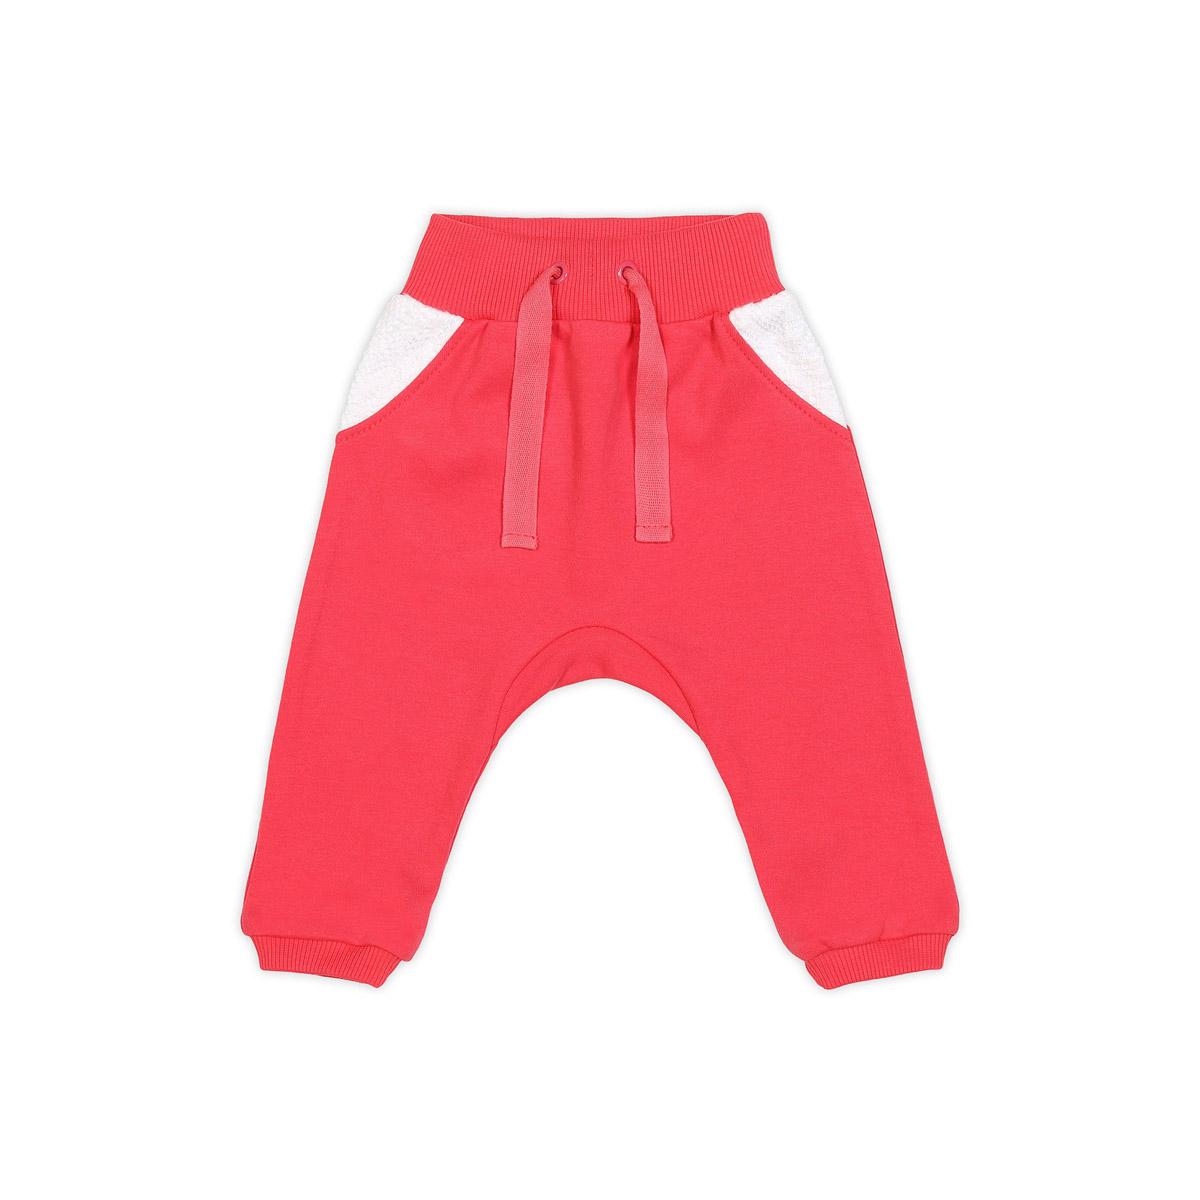 Ползунки без ножек Ёмаё Спорт (26-266) рост 86 ярко-розовый<br>